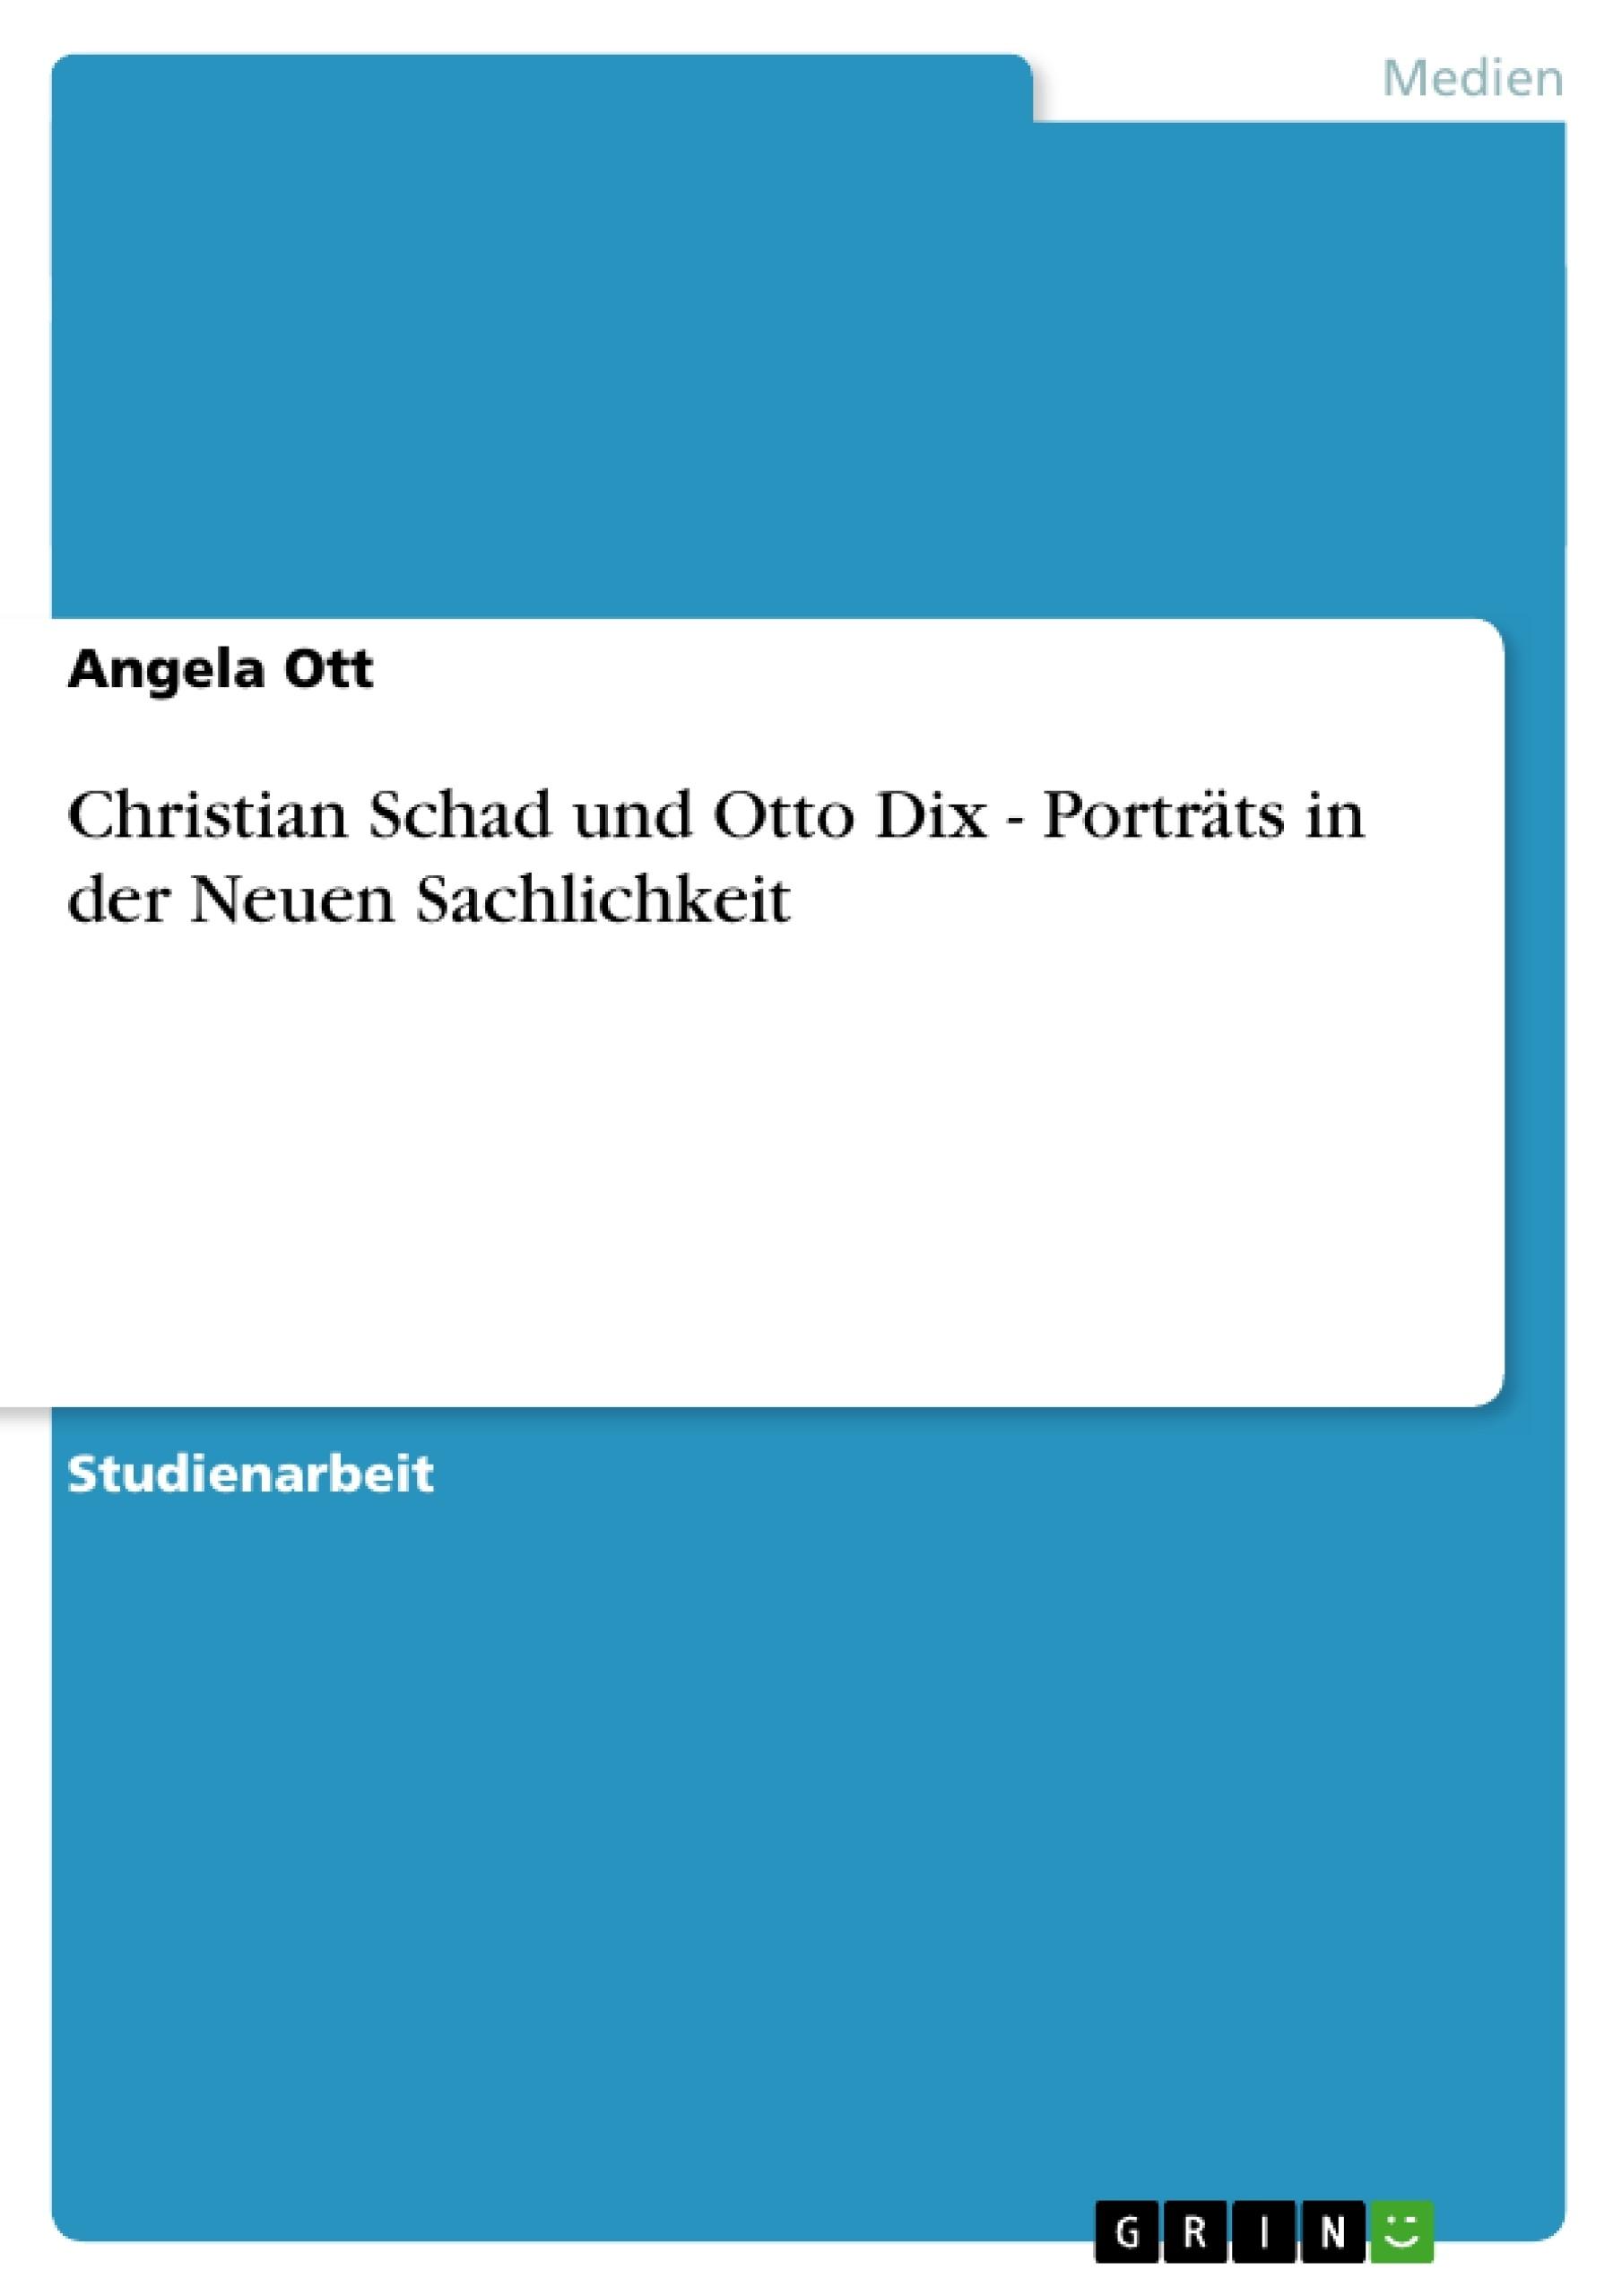 Titel: Christian Schad und Otto Dix - Porträts in der Neuen Sachlichkeit